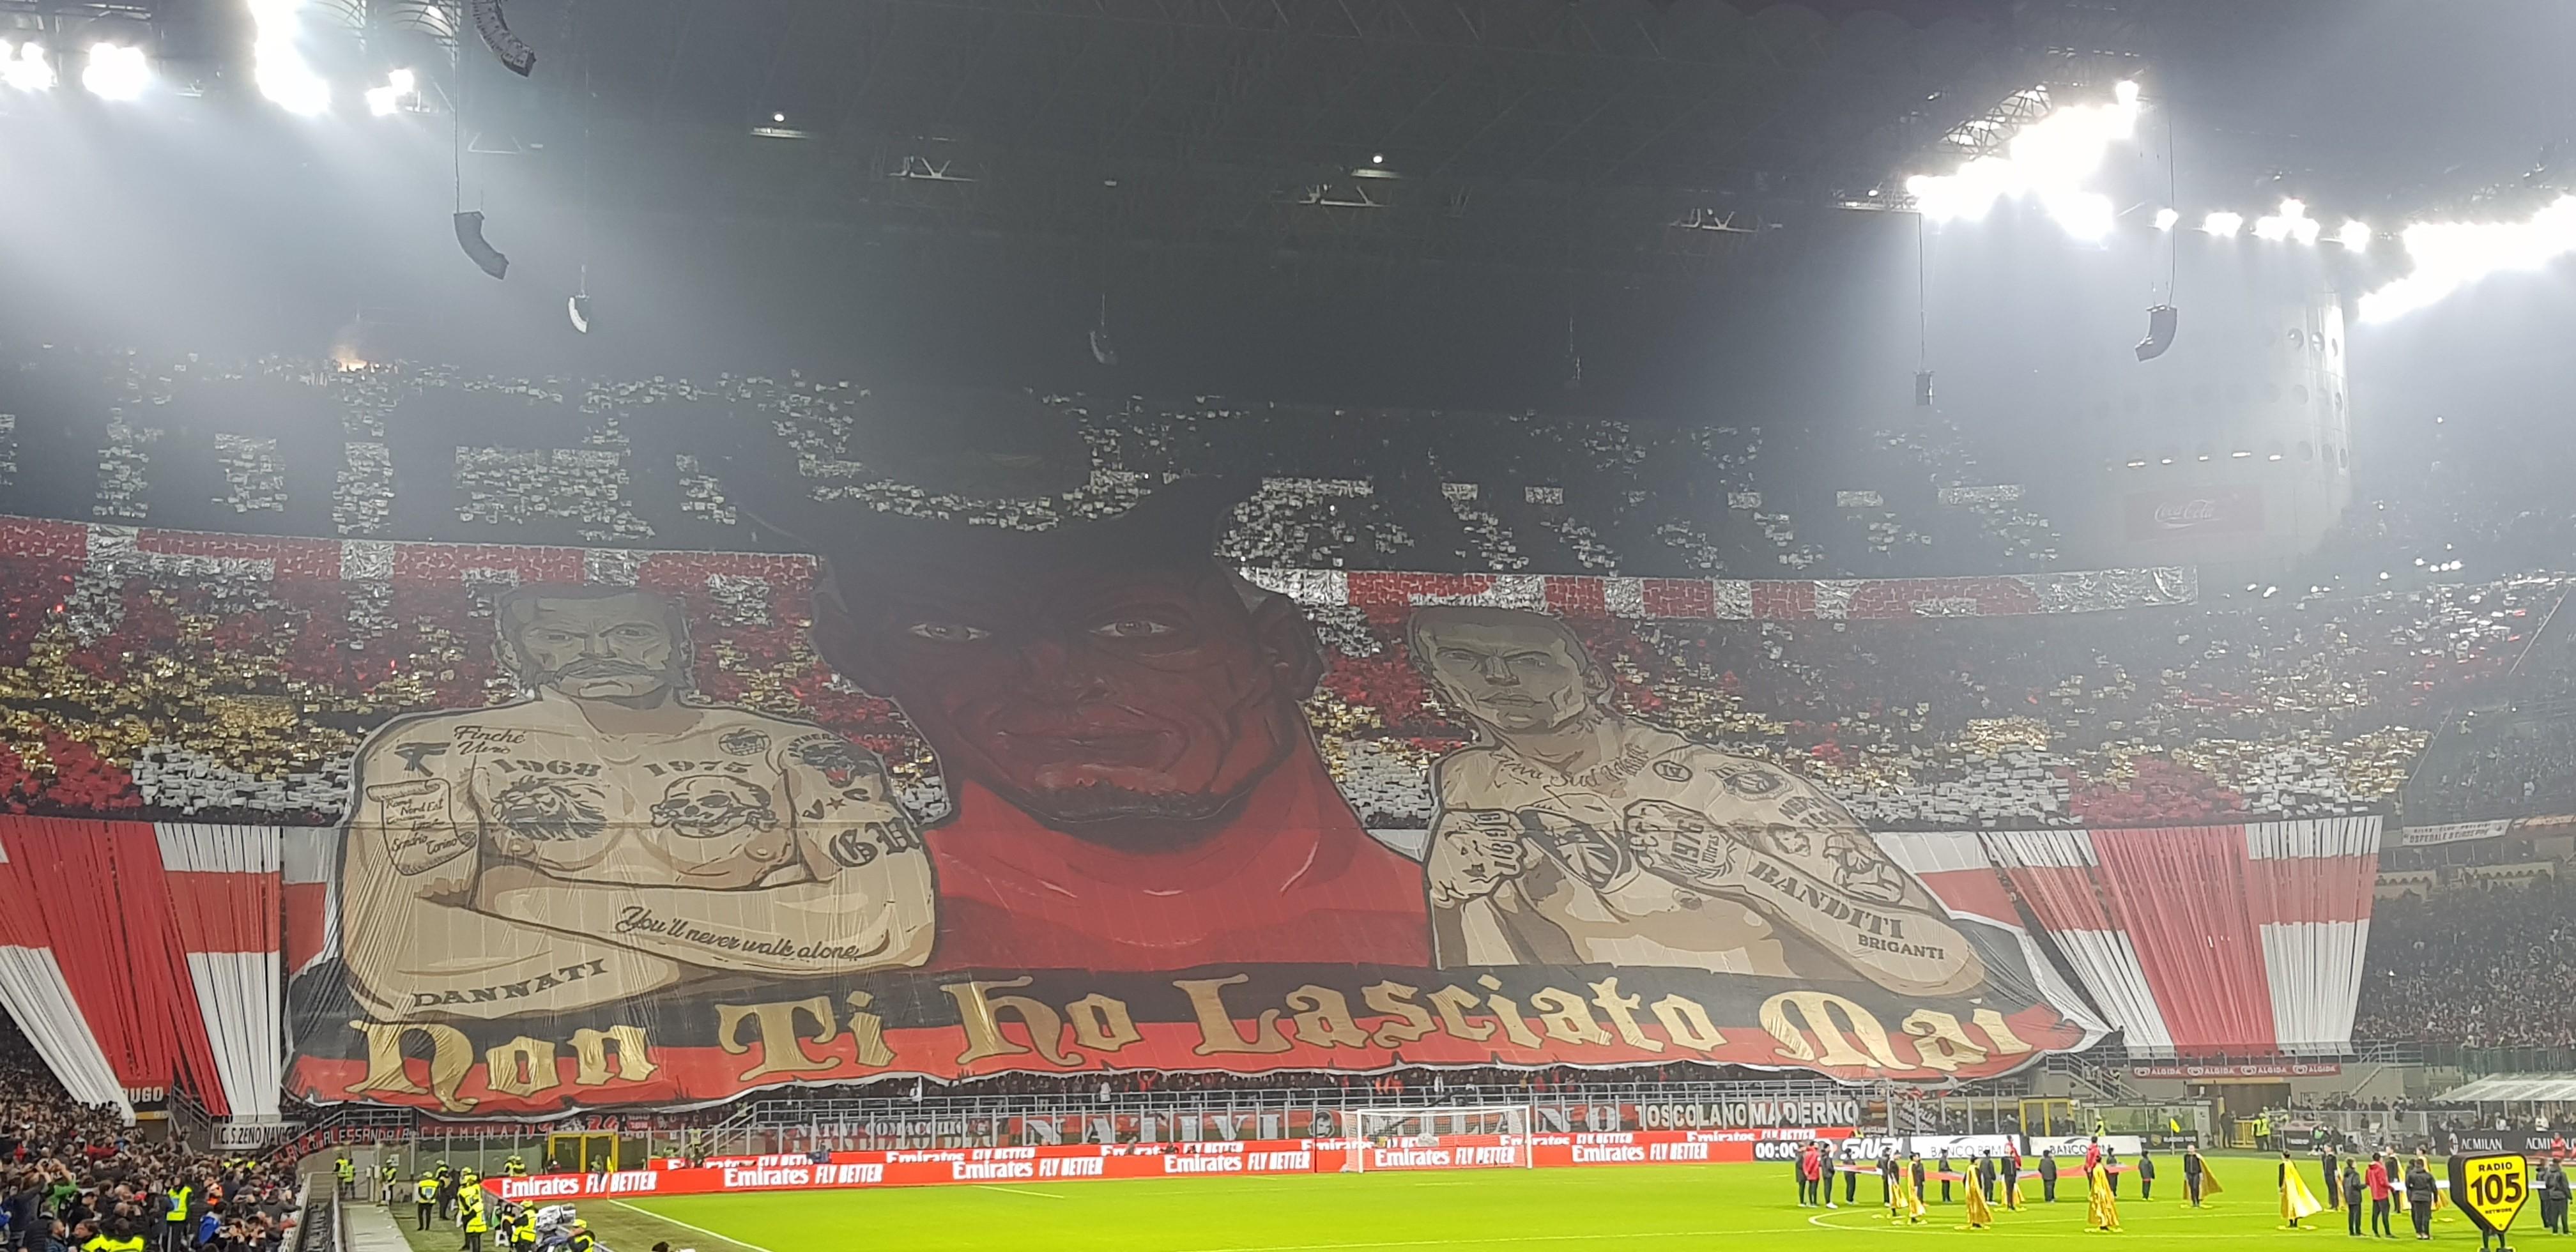 Milan Juventus 2018 2019 Milan supporters